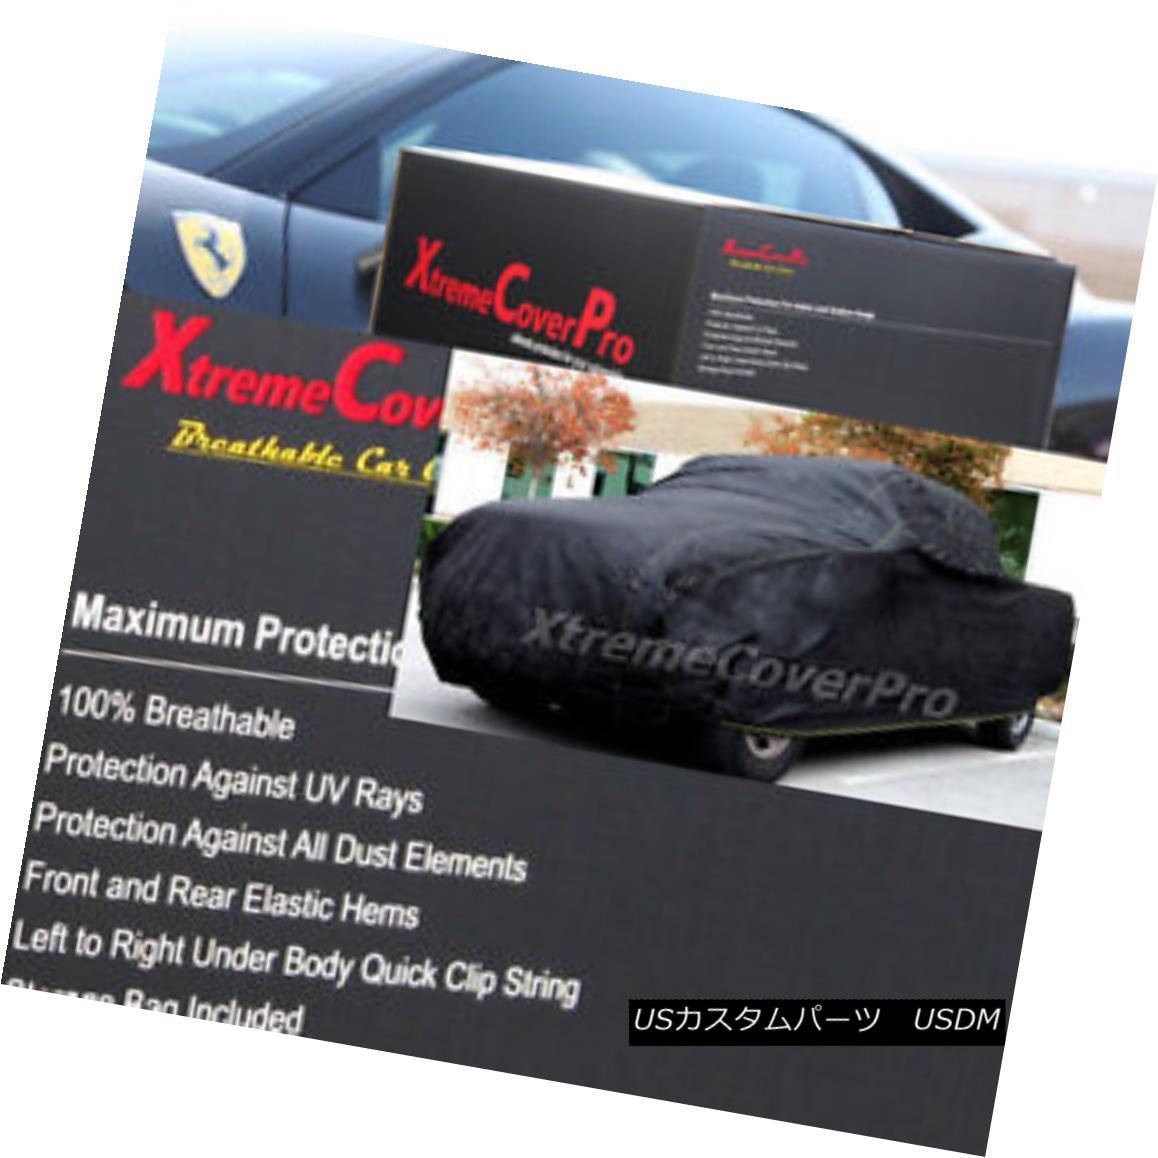 カーカバー 1994 1995 1996 1997 Dodge Ram 3500 Quad Cab 8ft Bed Breathable Truck Cover 1994年1995年1996年1997年ダッジラム3500クワッドキャブ8ftベッド通気性トラックカバー